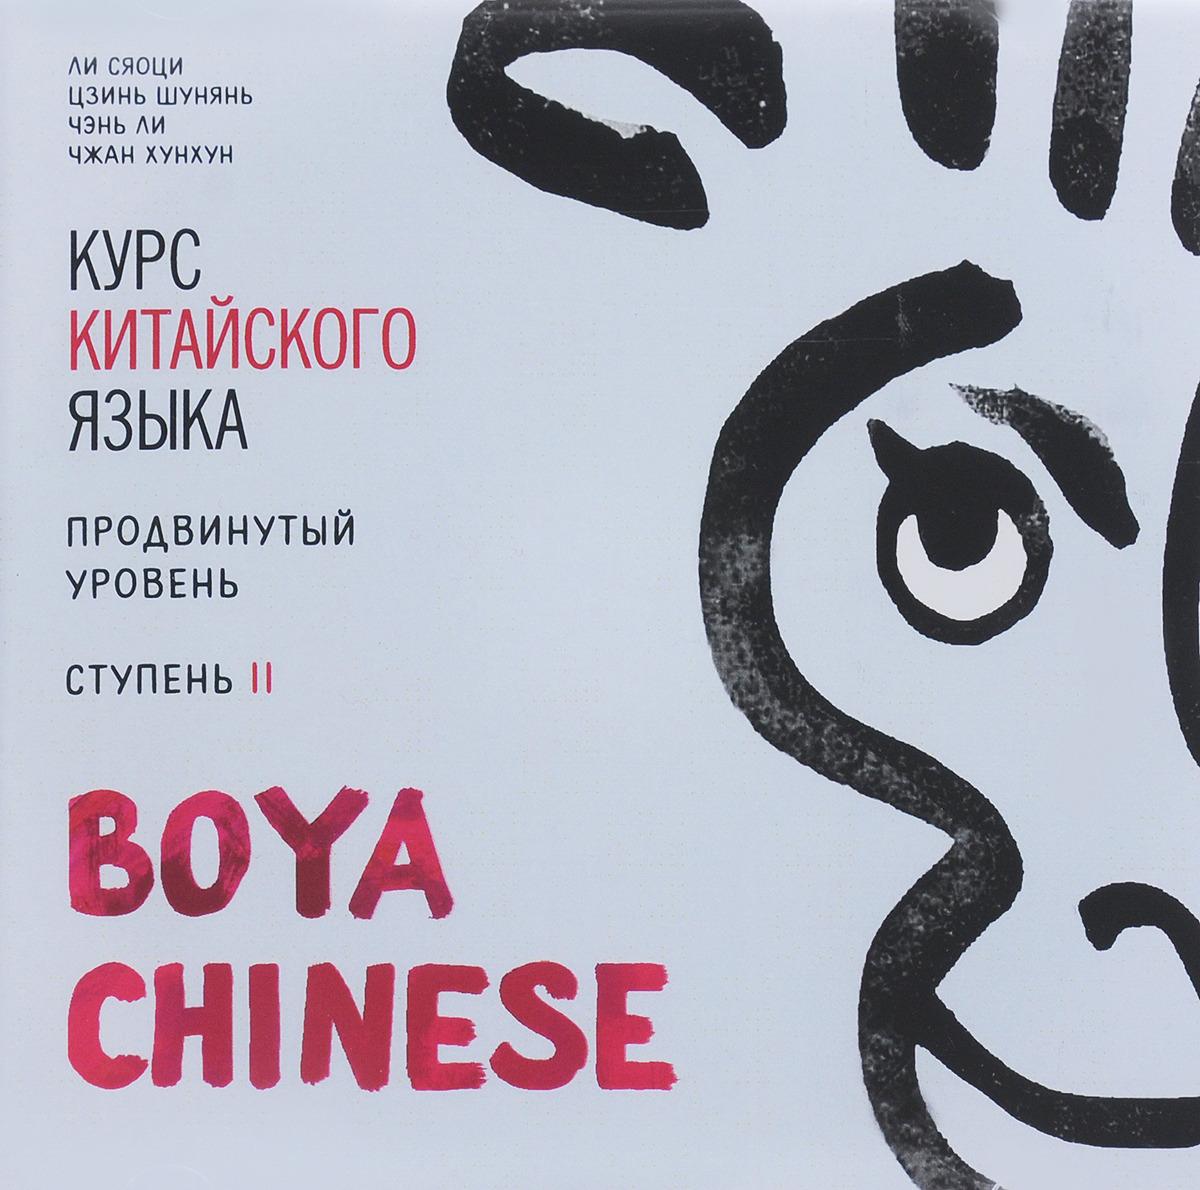 Ли Сяоци Курс китайского языка. Boya Chinese Ступень-2. Продвинутый уровень. МР3-диск